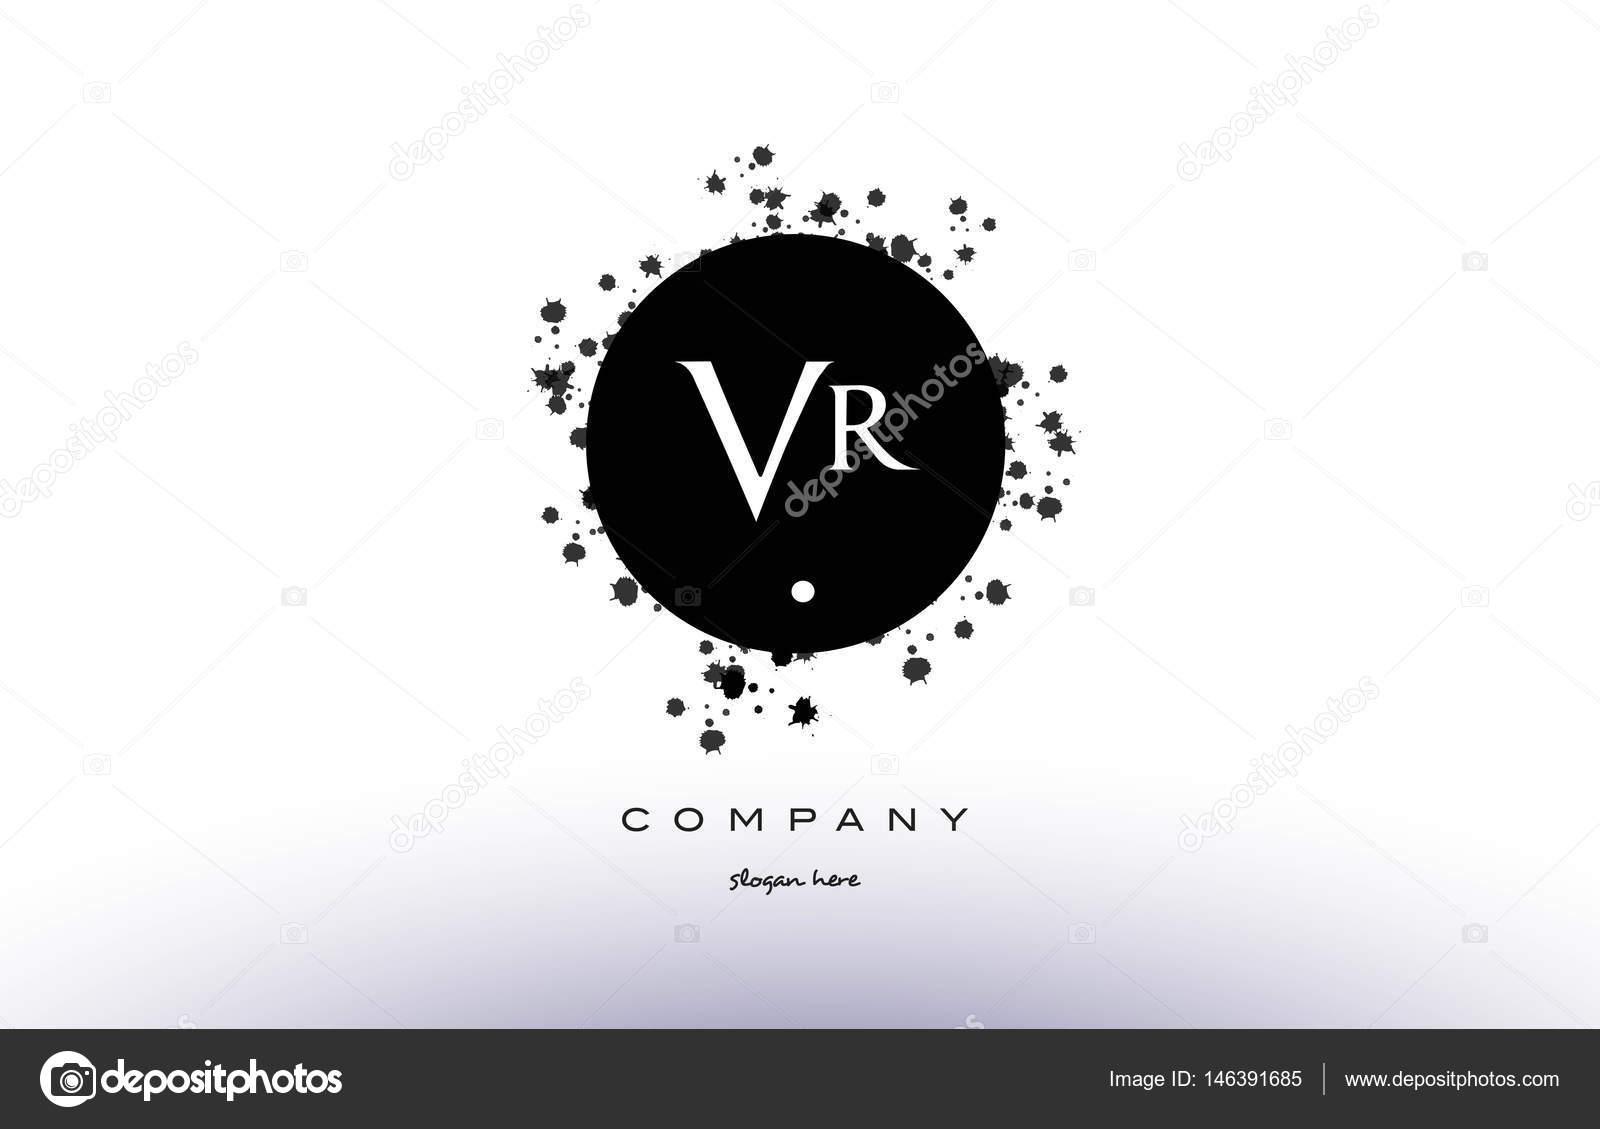 eef150449 VR v r círculo preto branco grunge respingo alfabeto retrô vintage empresa logotipo  vetorial ícone modelo de design — Vetor de ...